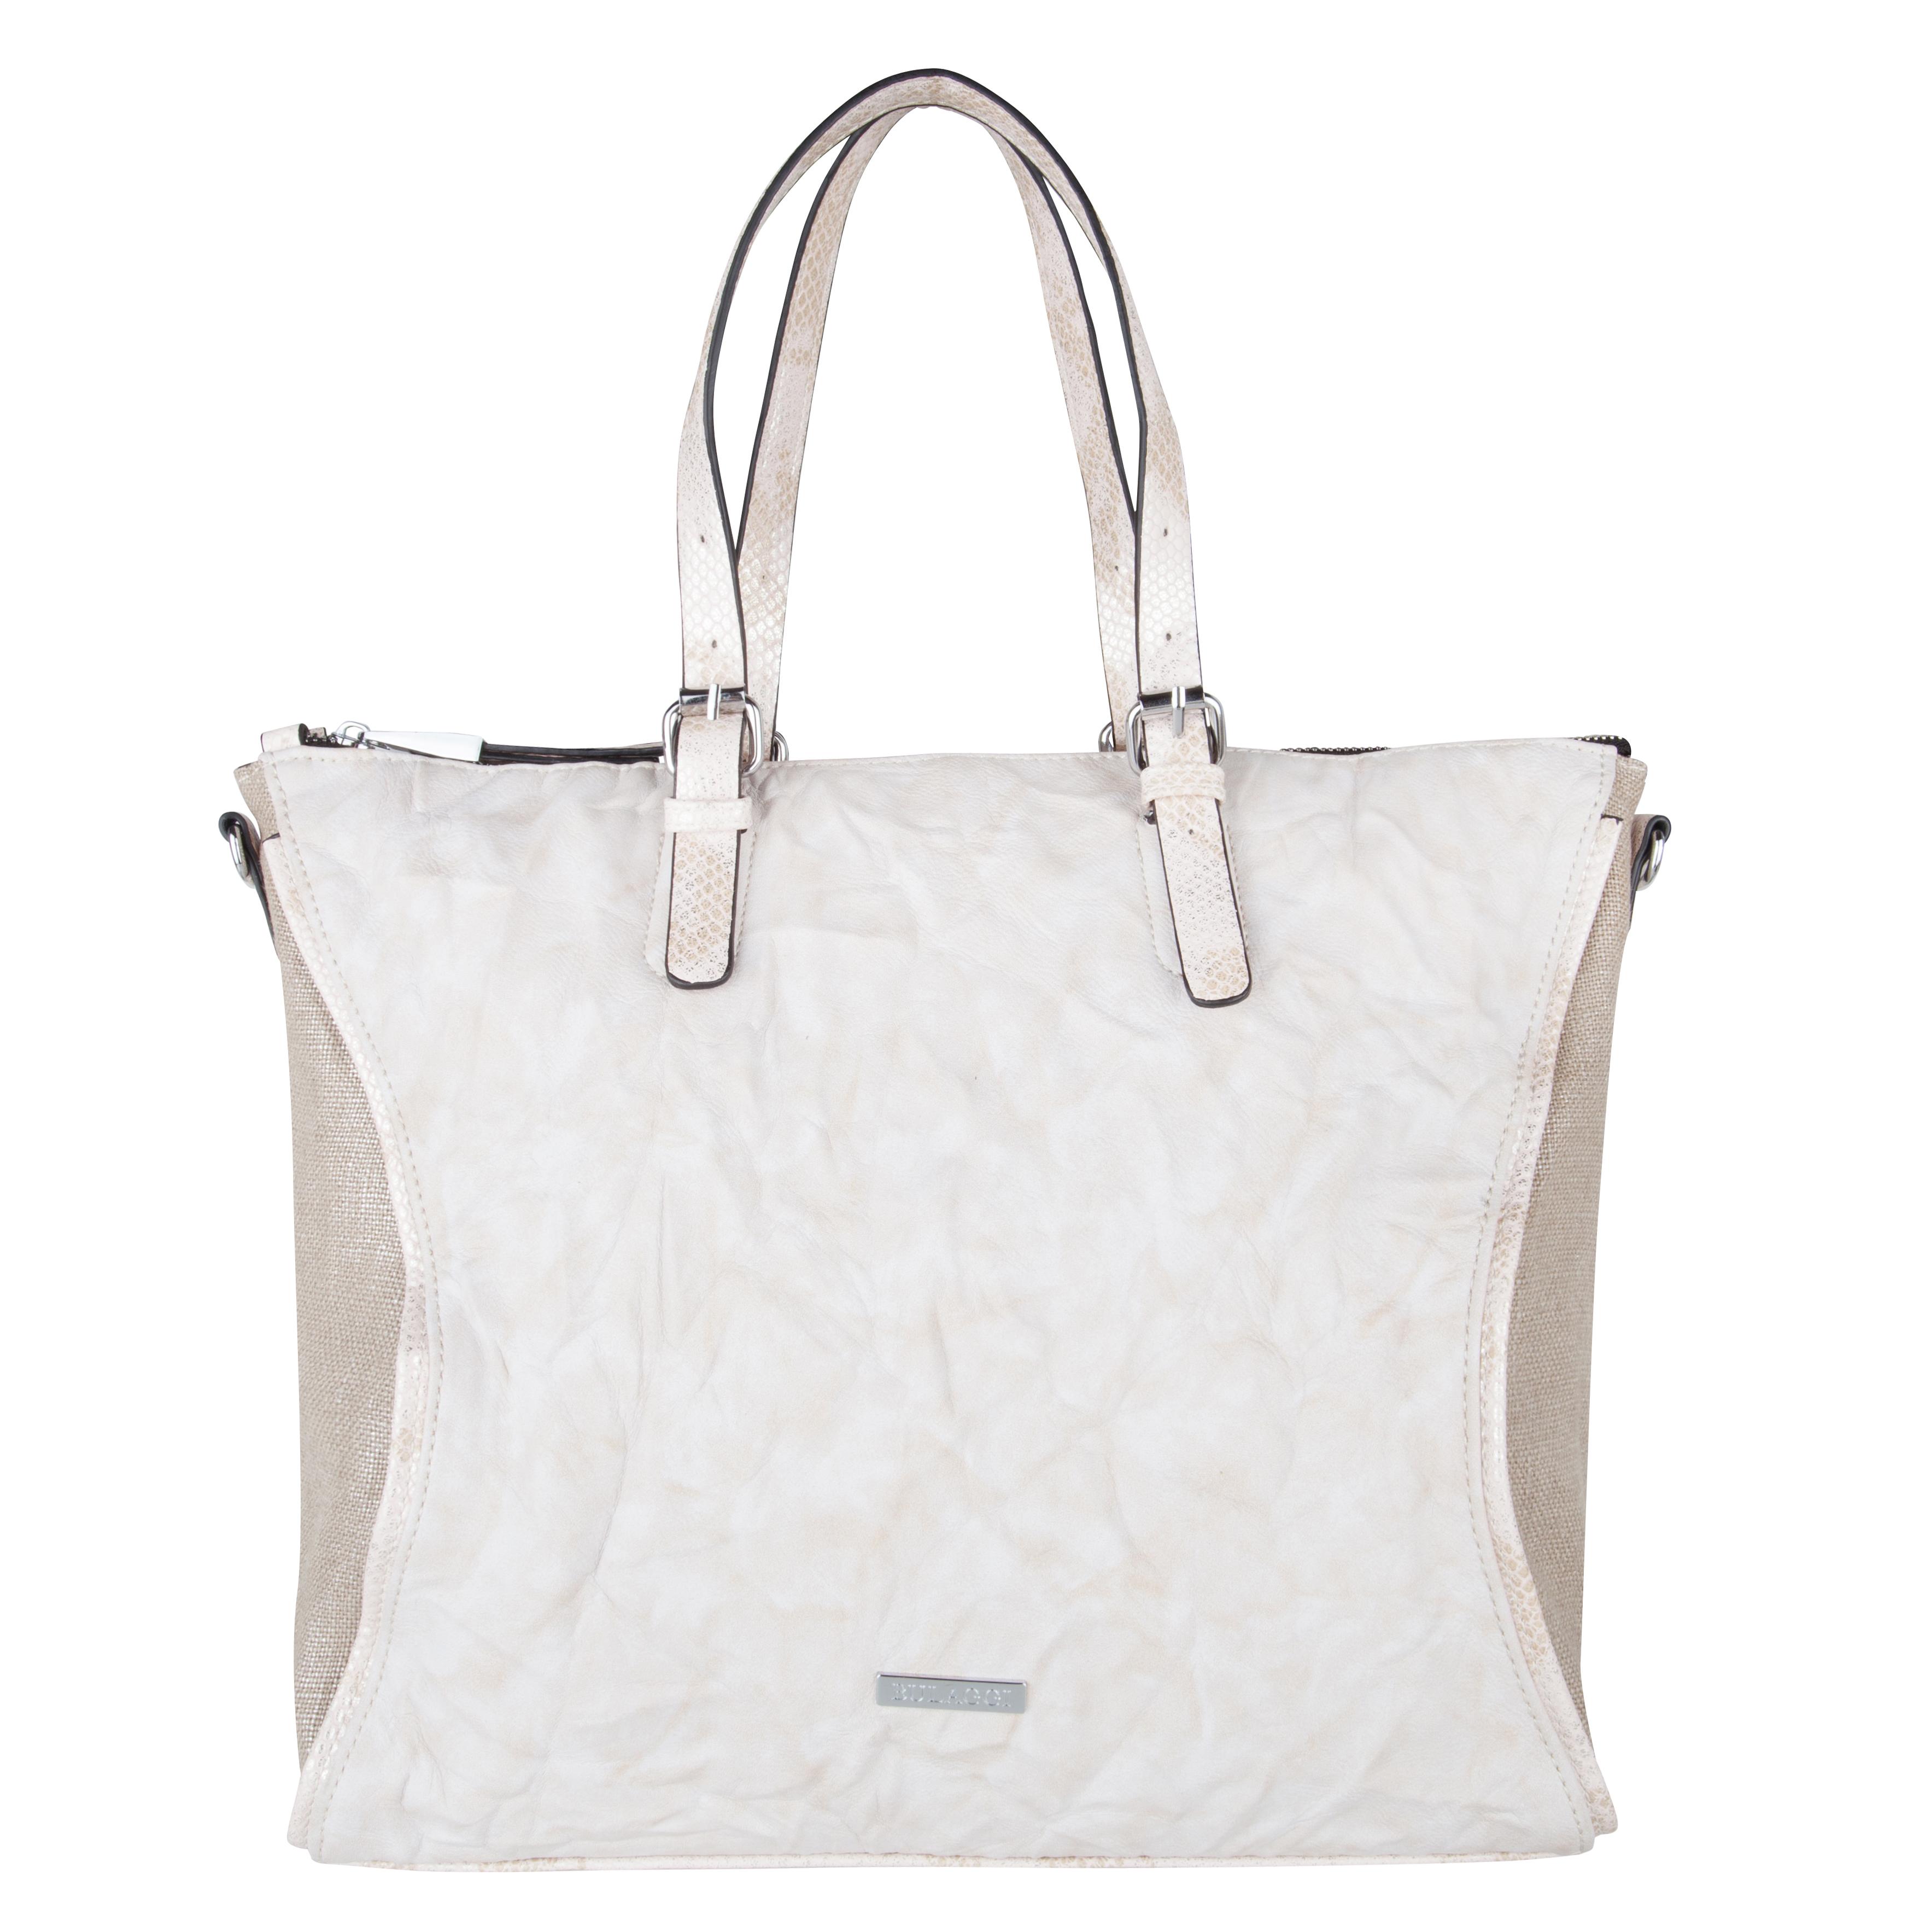 Béžová luxusní koženková kabelka Bulaggi 30277 fcaeb5aa19b